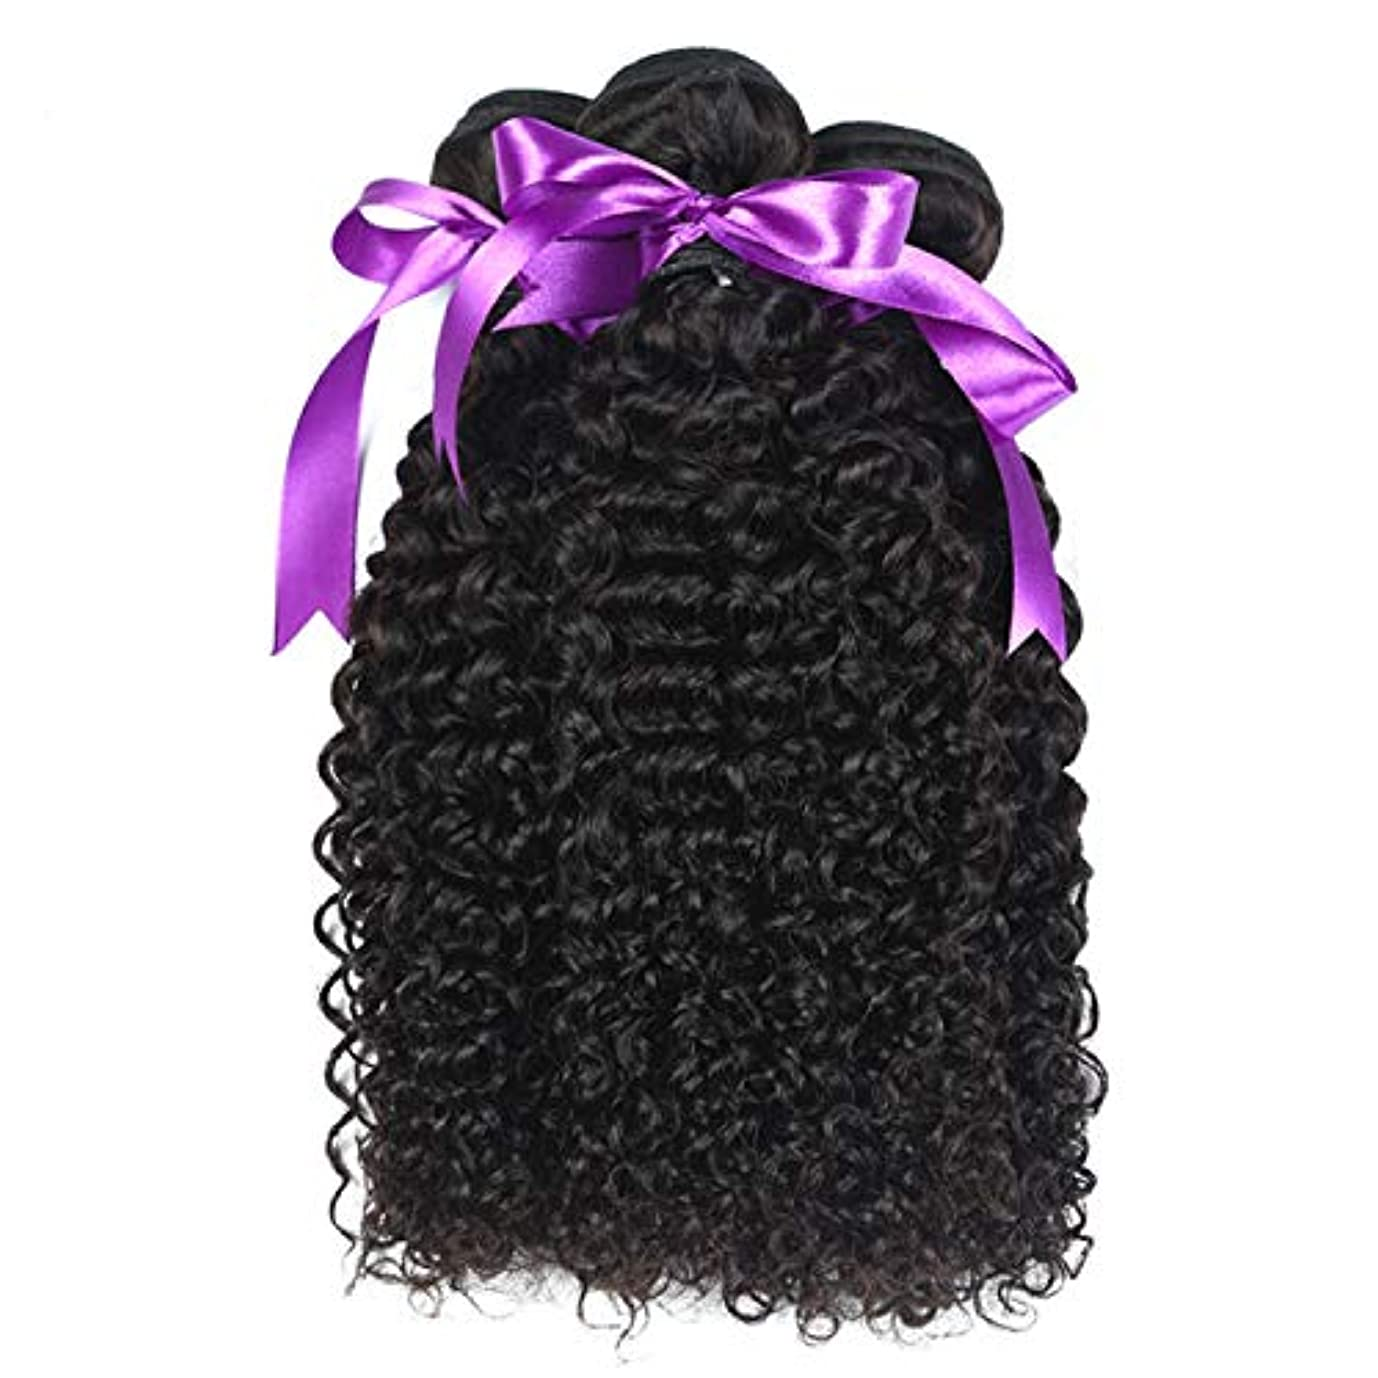 ミルクがっかりする無駄マレーシアの巻き毛の束8-28インチ100%の人間の毛髪は、Remyの毛のナチュラルカラー3個の巻き毛の束を織ります (Stretched Length : 20 22 24)